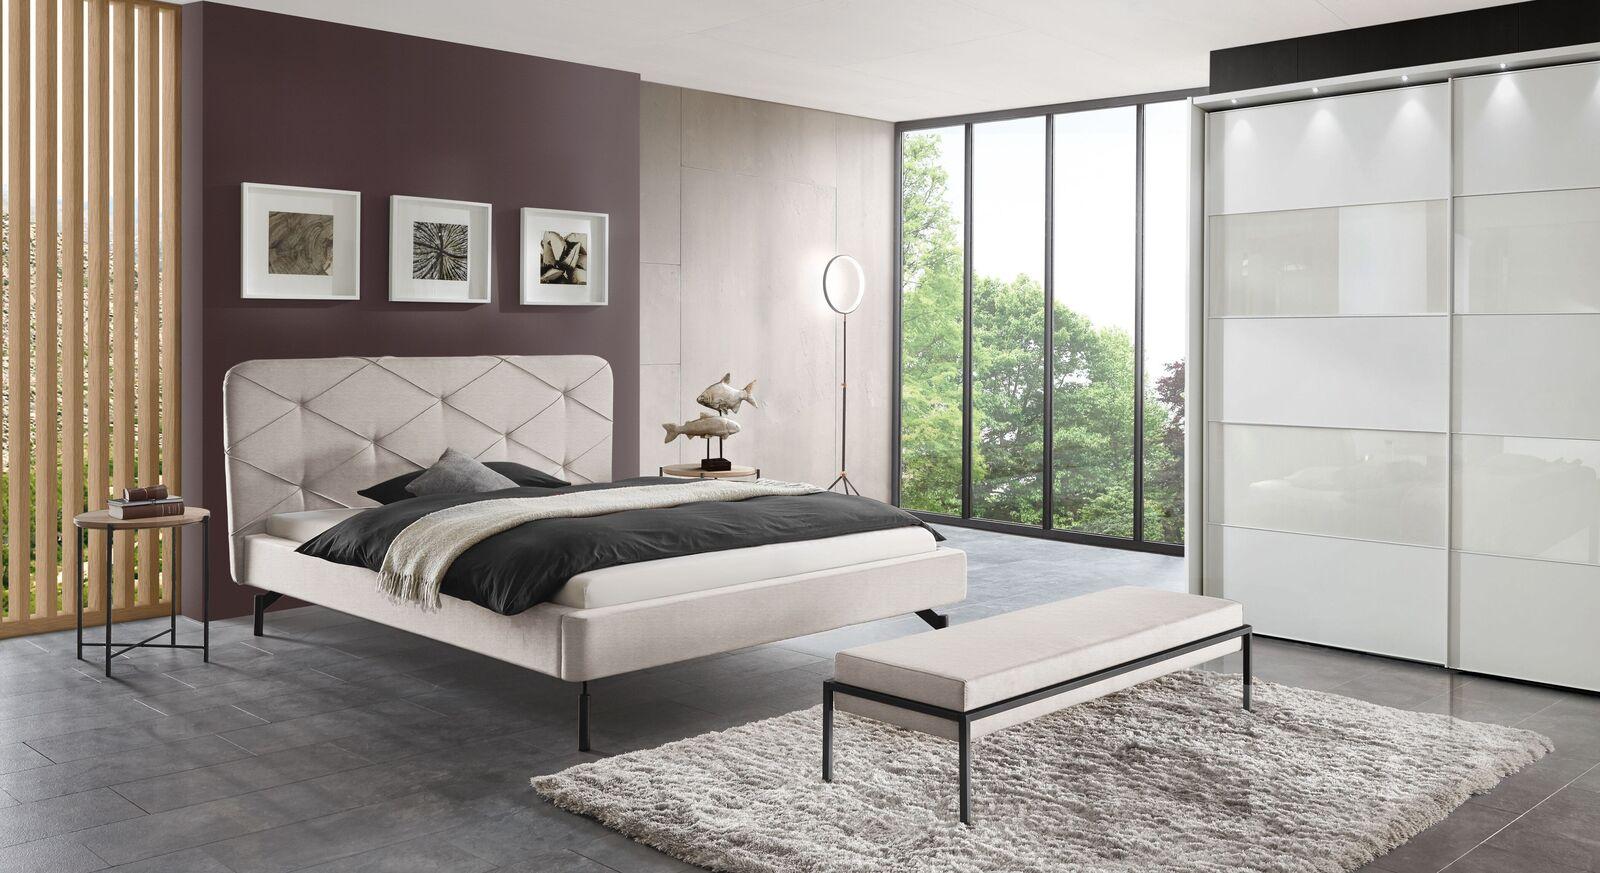 Schlafzimmer Sotello im angesagten Retro-Look